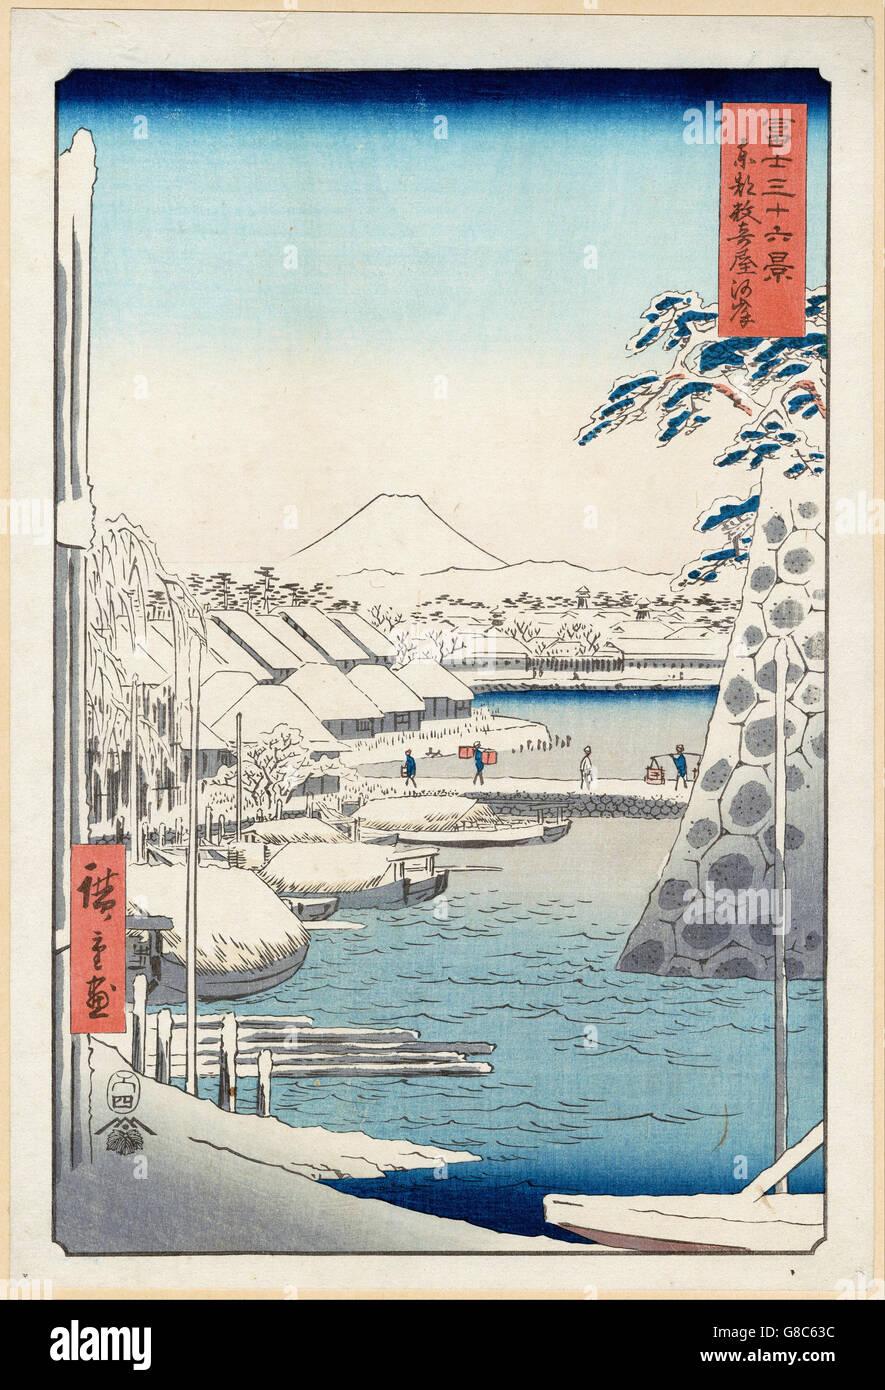 Utagawa Hiroshige I, published by Tsutaya Kichizō (Kōeidō) - Riverbank at Sukiya - Stock Image